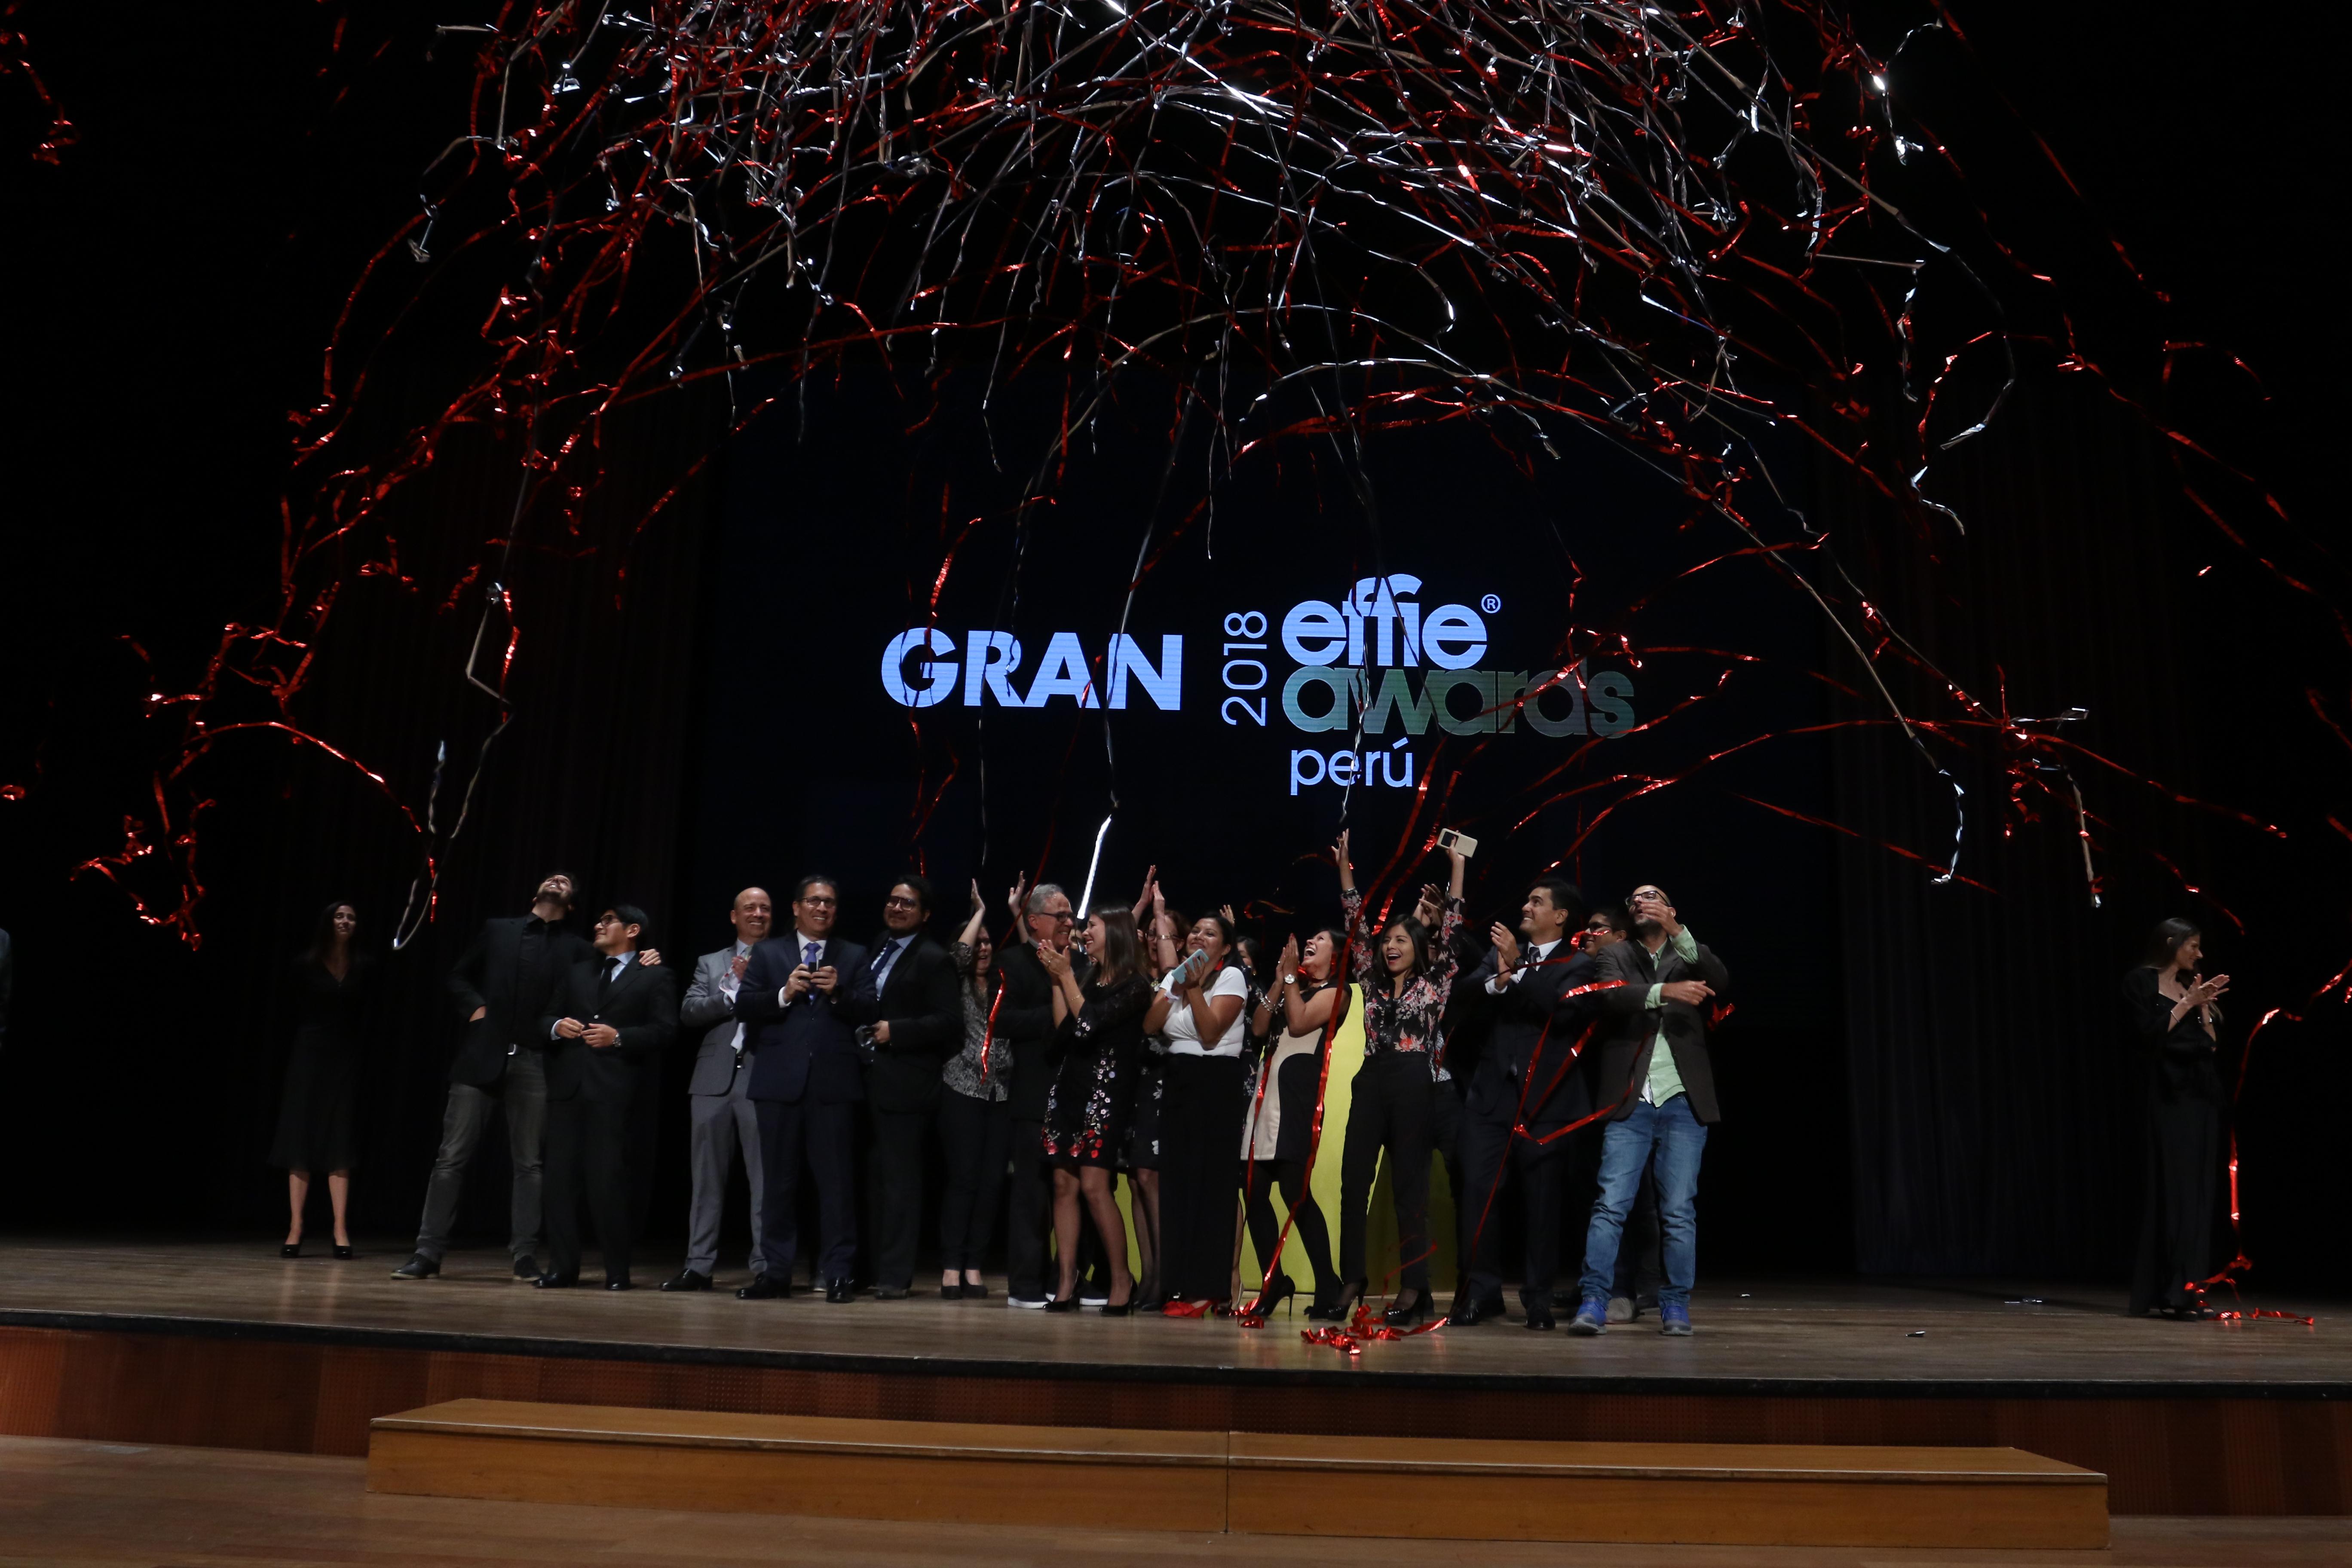 """Gran Effie 2018 - Mi Banco gana el Gran Effie 2018 por la campaña """"Escolares Útiles"""""""